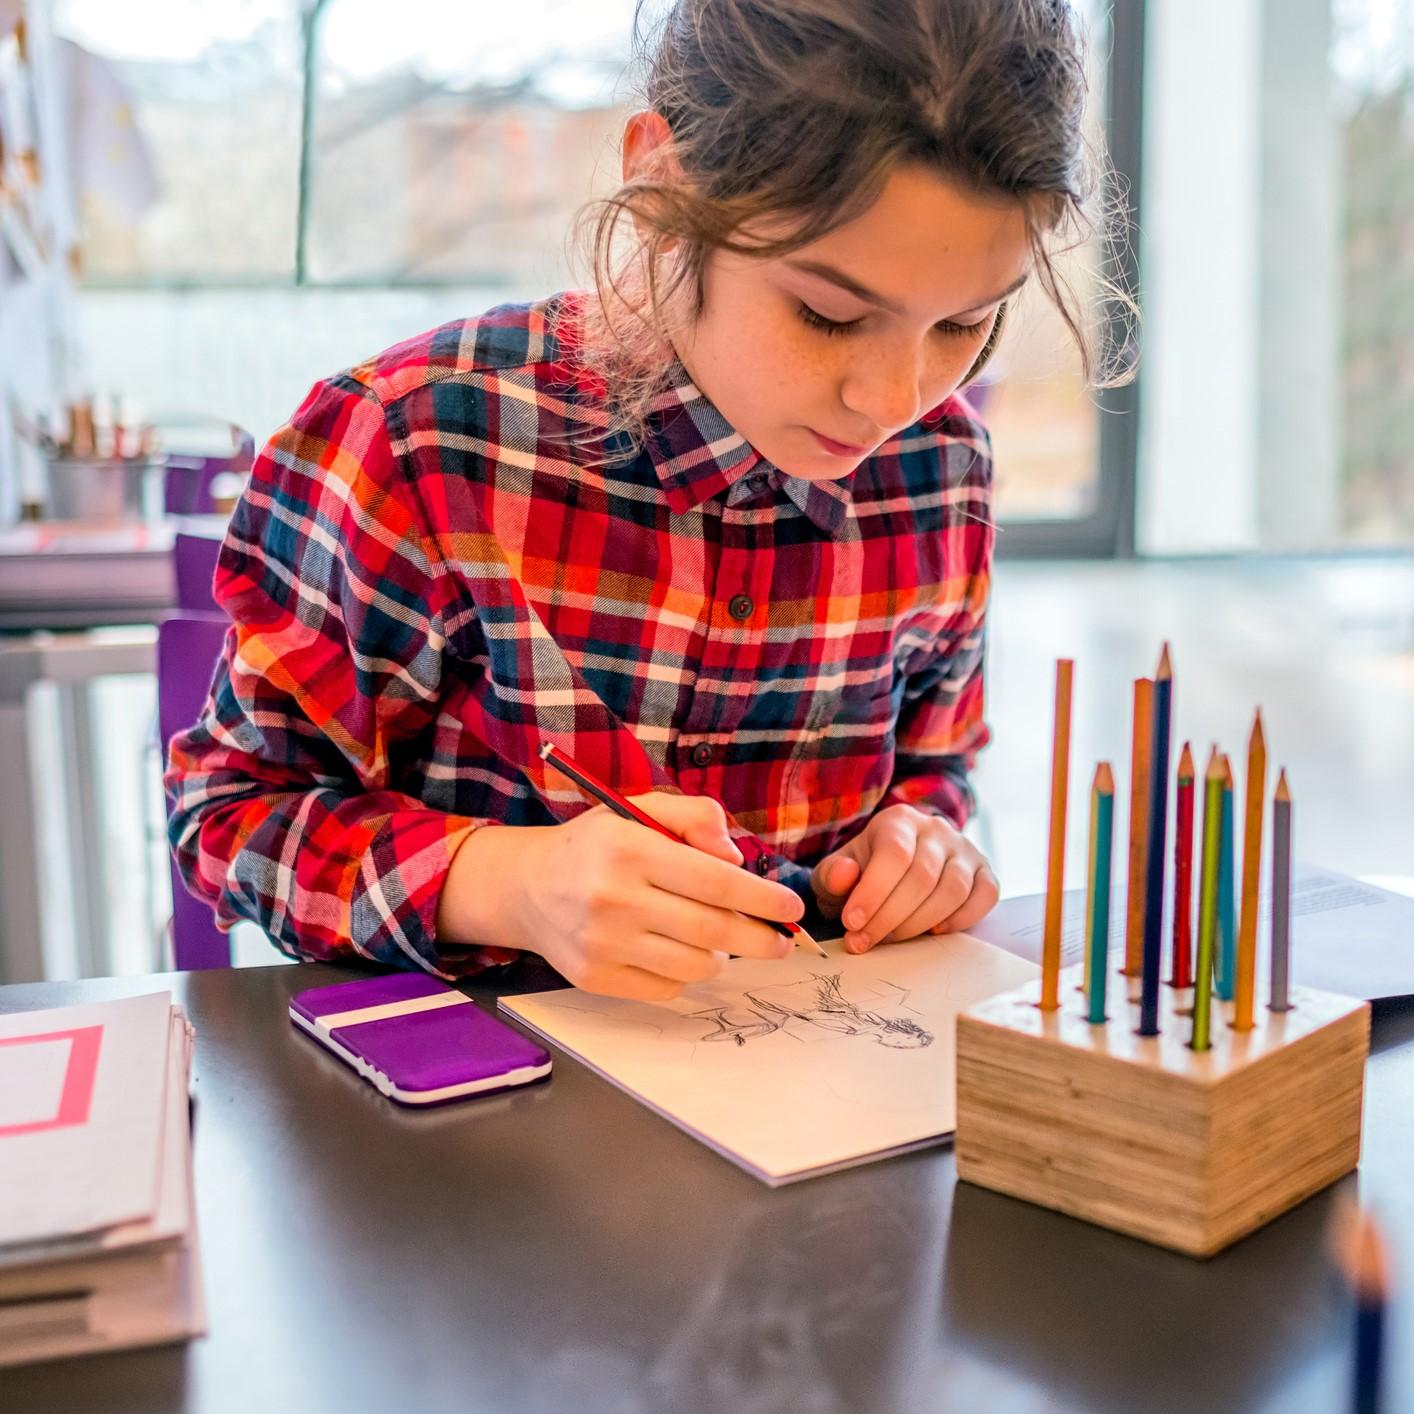 Atelier virtuel de dessin pour enfants (8 ans +)